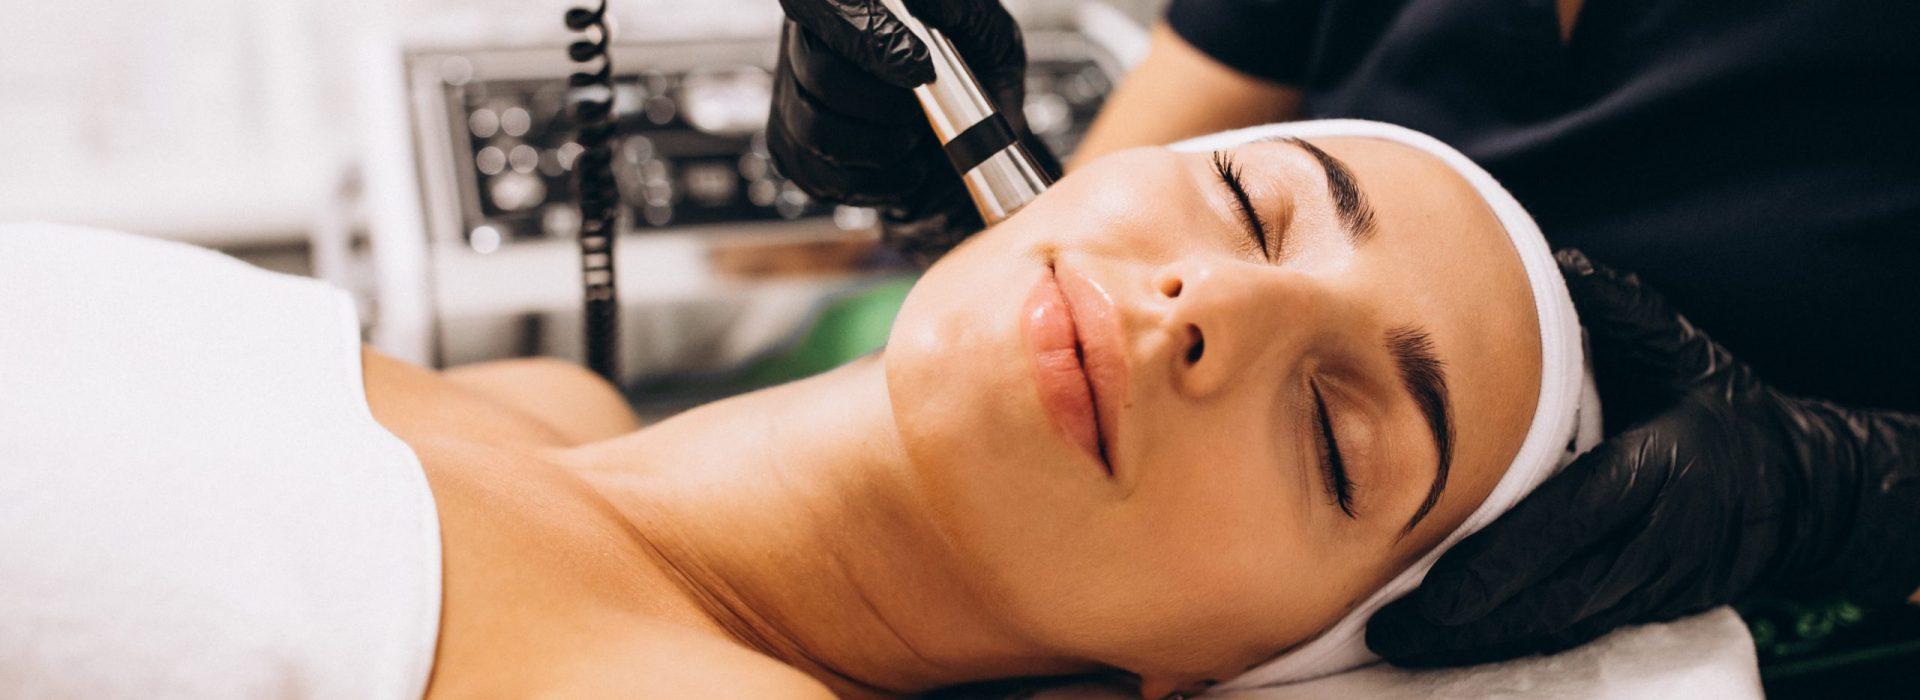 Aparatología Estética Avanzada Málaga ~ Tratamiento de botox Málaga ~ Centro de tratamientos antiarrugas sin cirugía Málaga